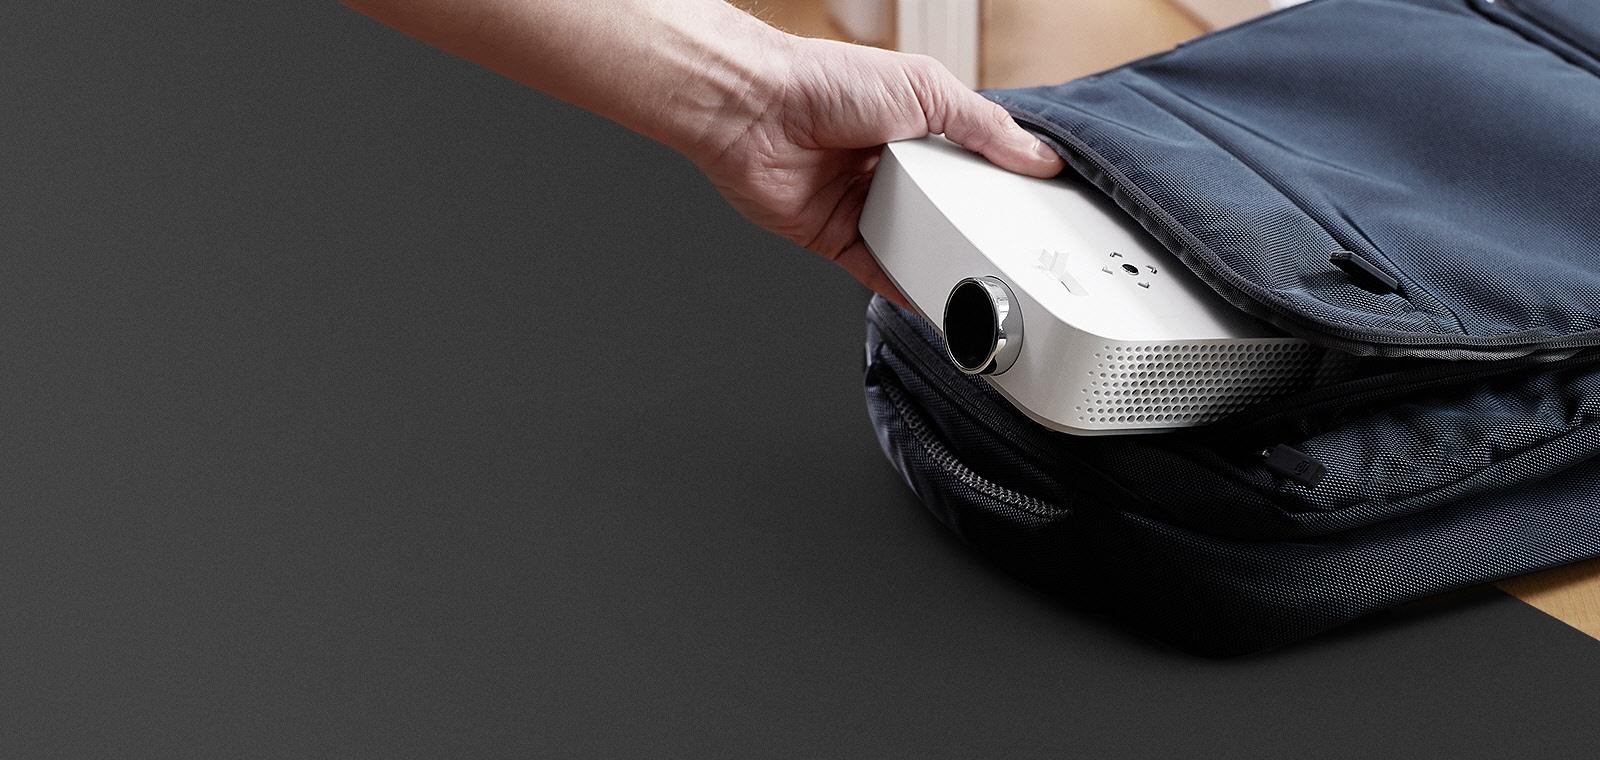 CineBeam LG PF50KS - просто носите его в портфеле или в сумке